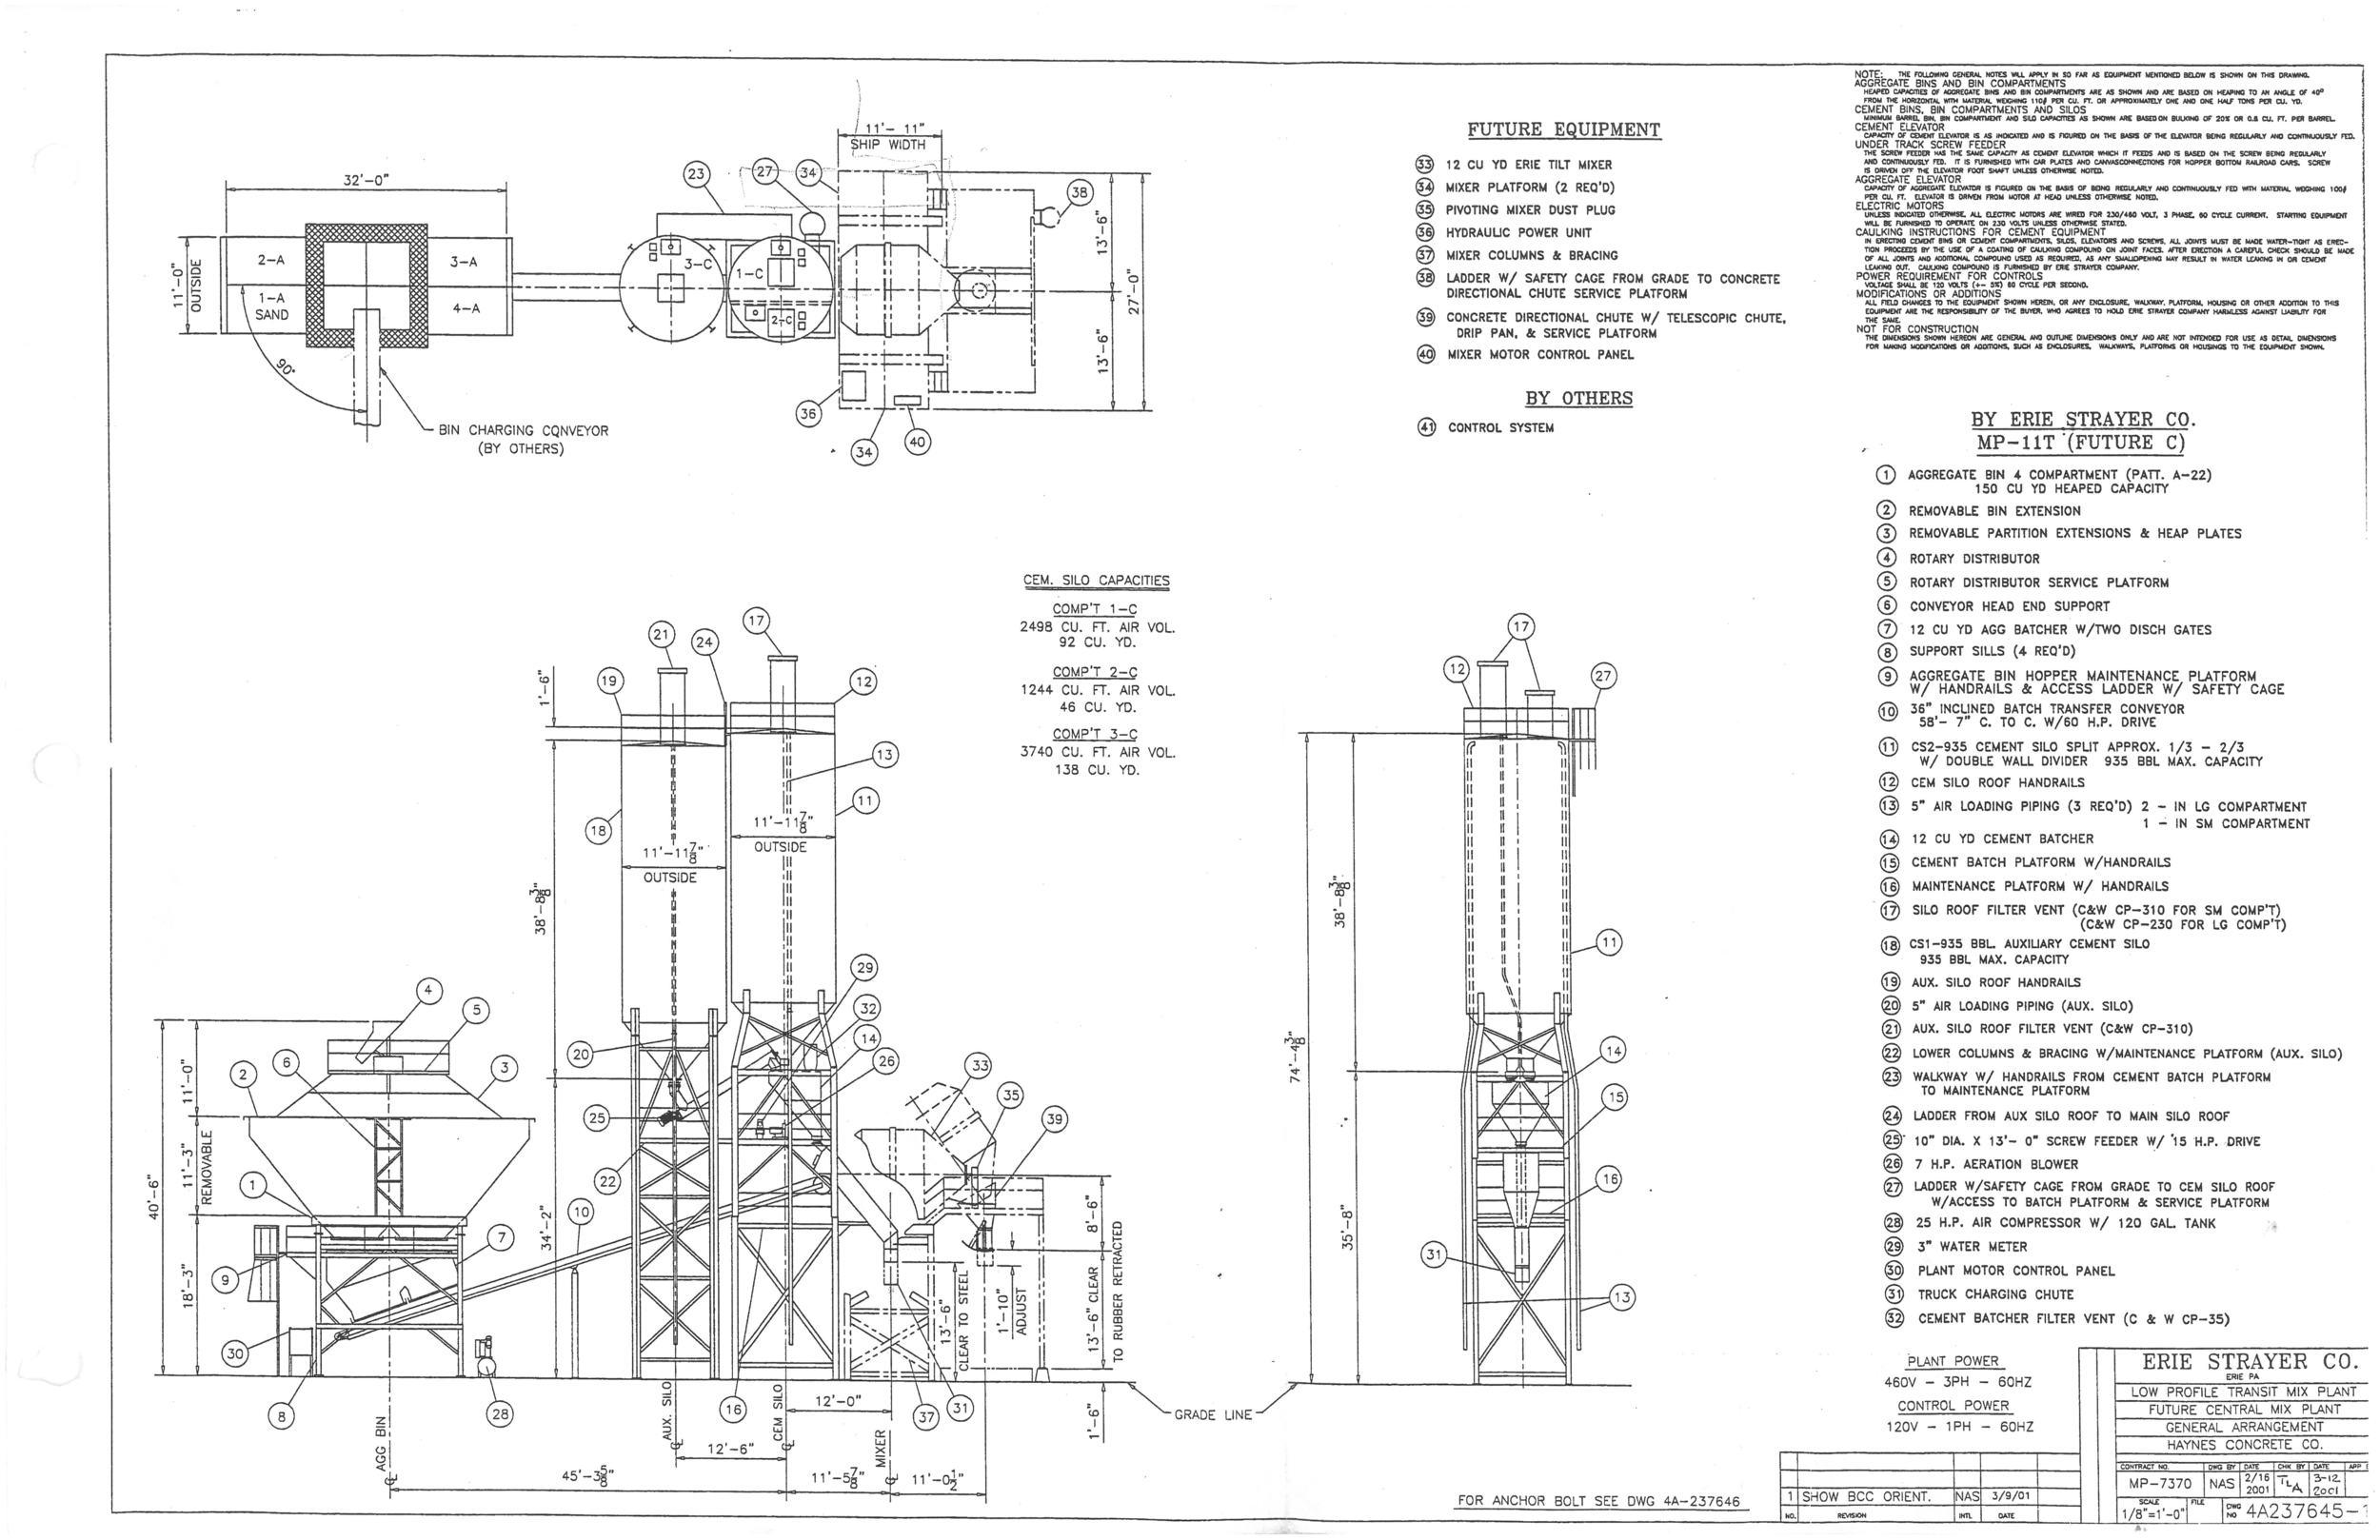 Concrete Plant Schematic (jpeg)